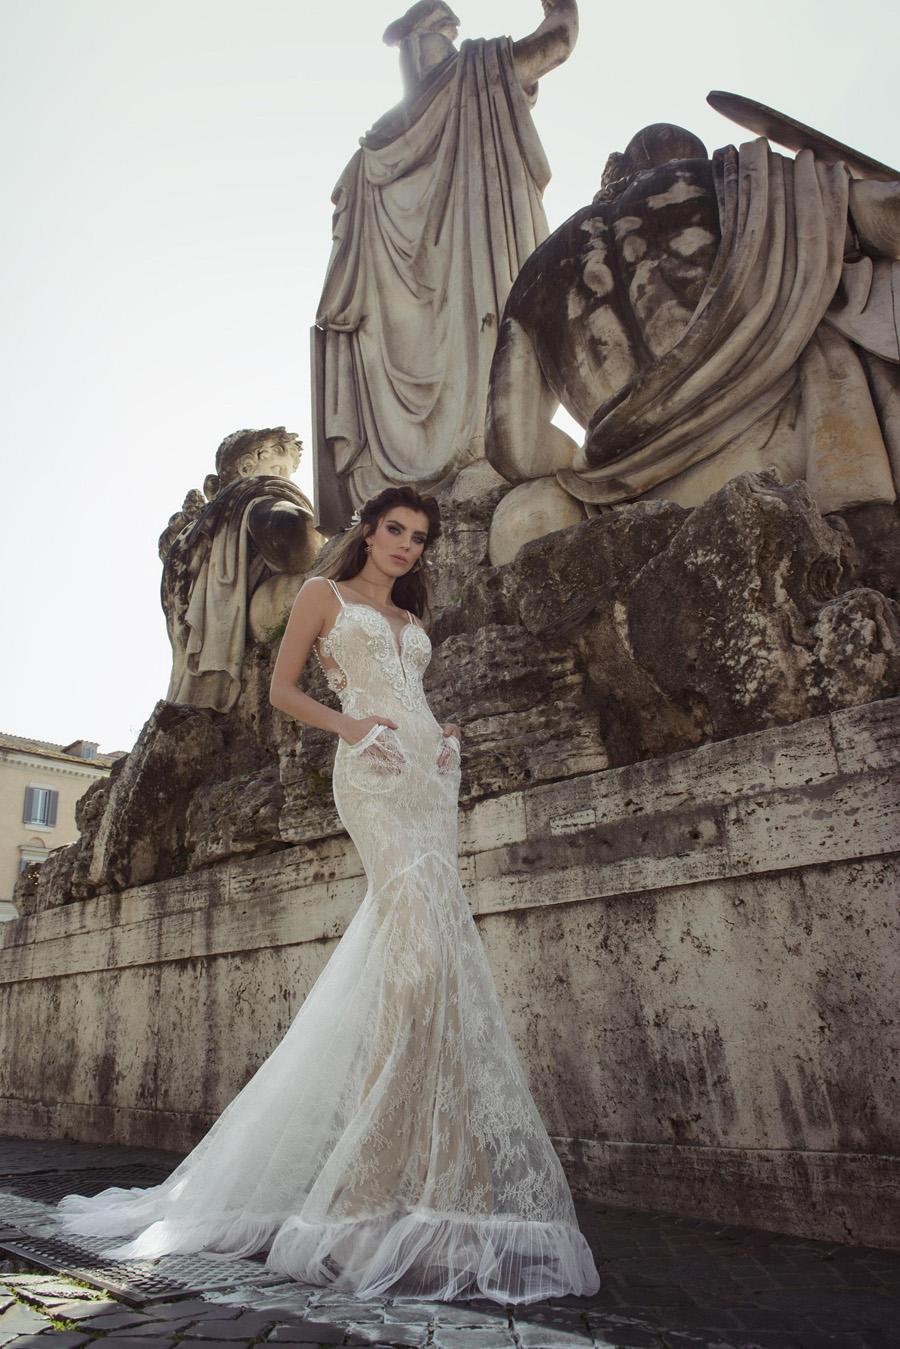 Julie Vino Wedding Gown - Agusta